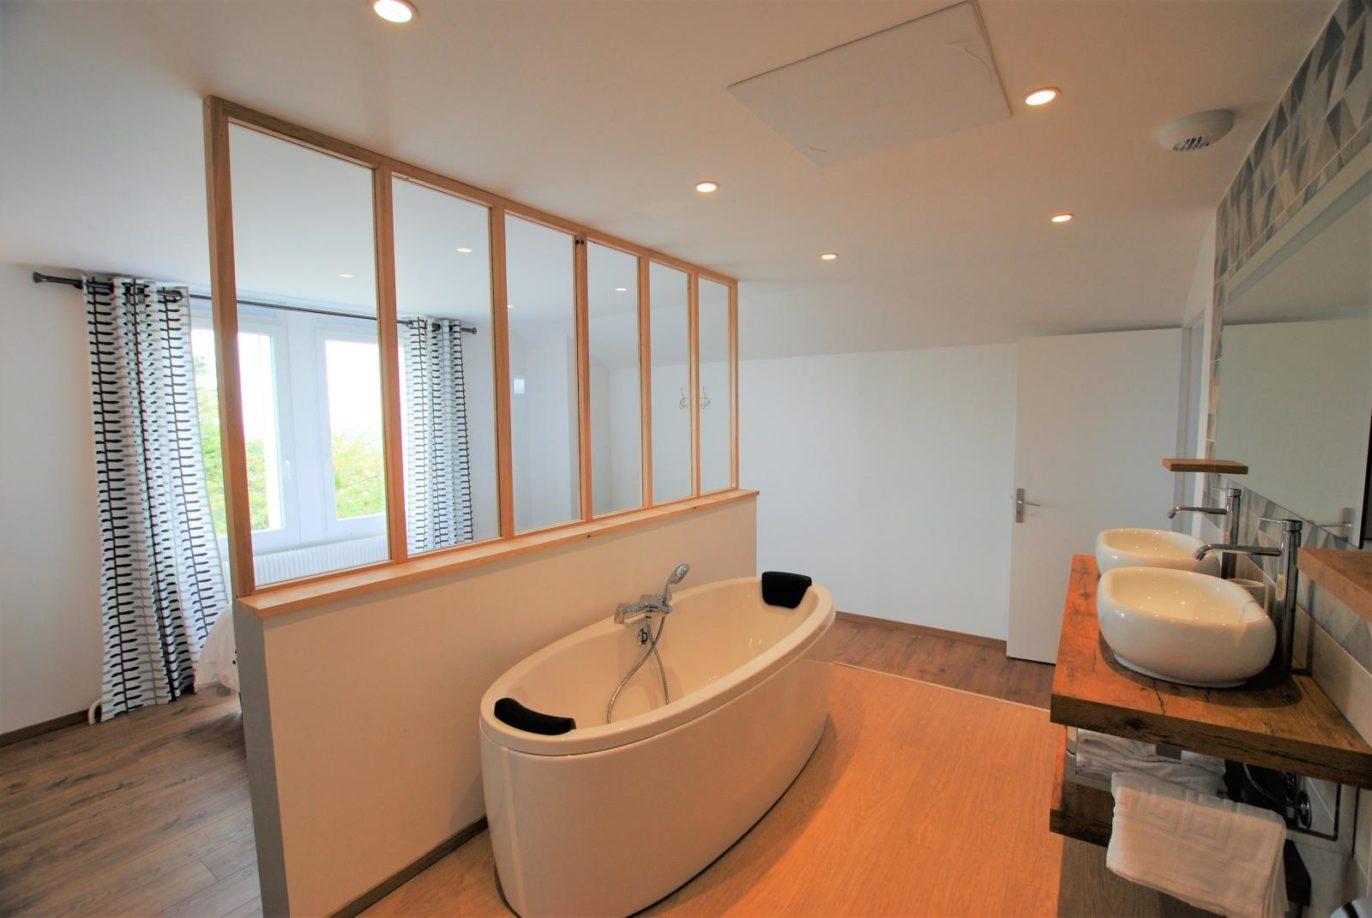 La salle de bain de la suite parentale et sa baignoire ovale